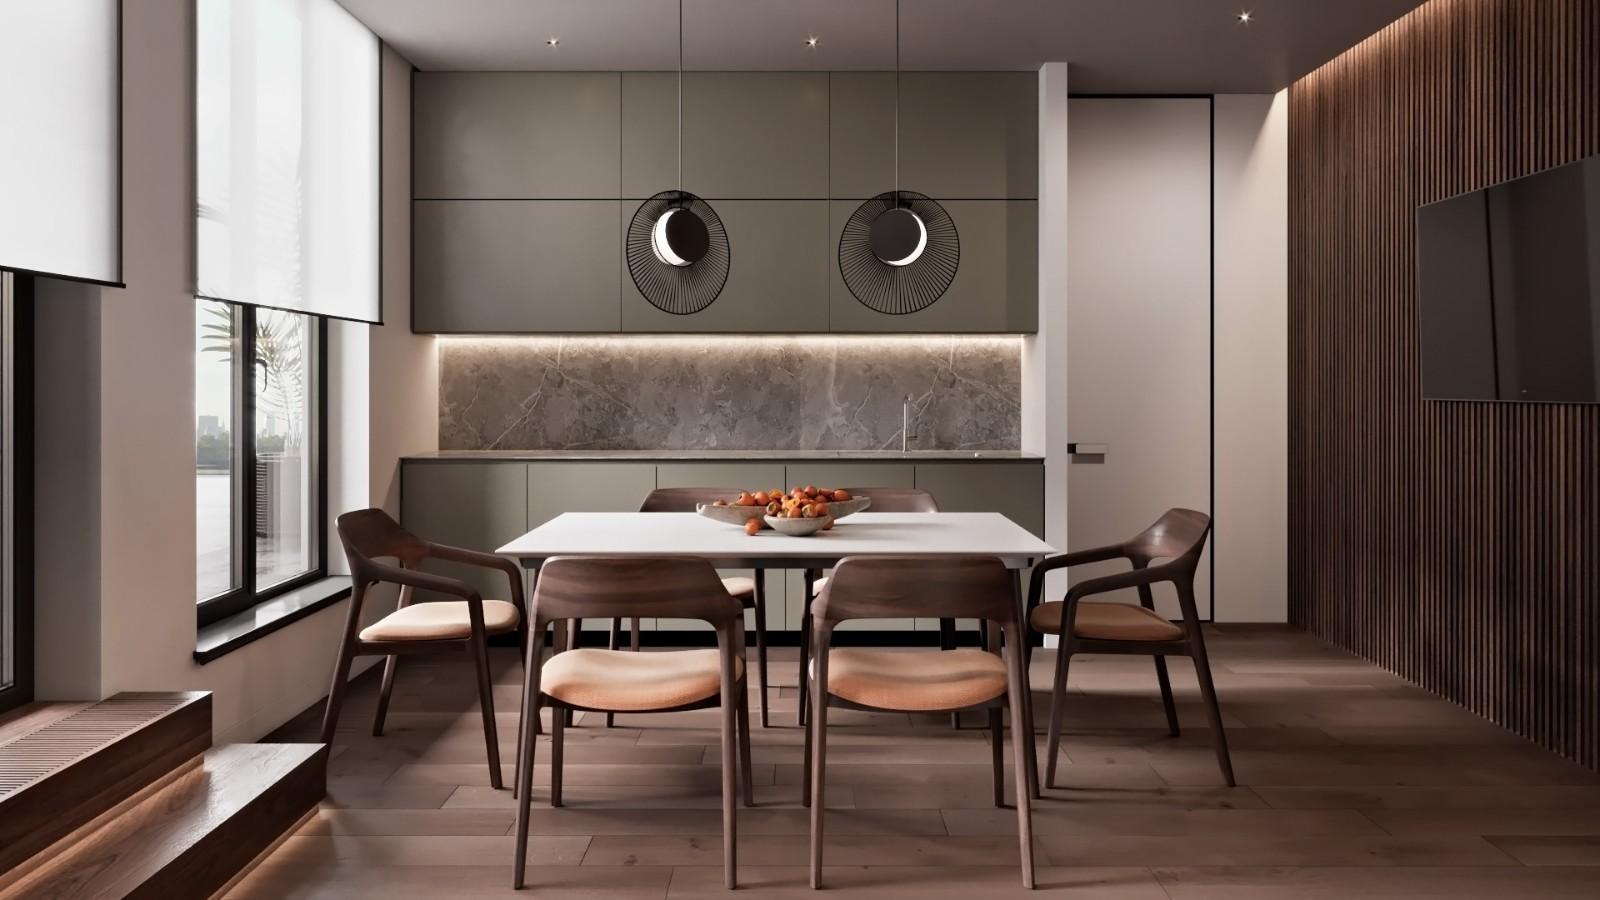 2021现代厨房装修图 2021现代吧台装修设计图片